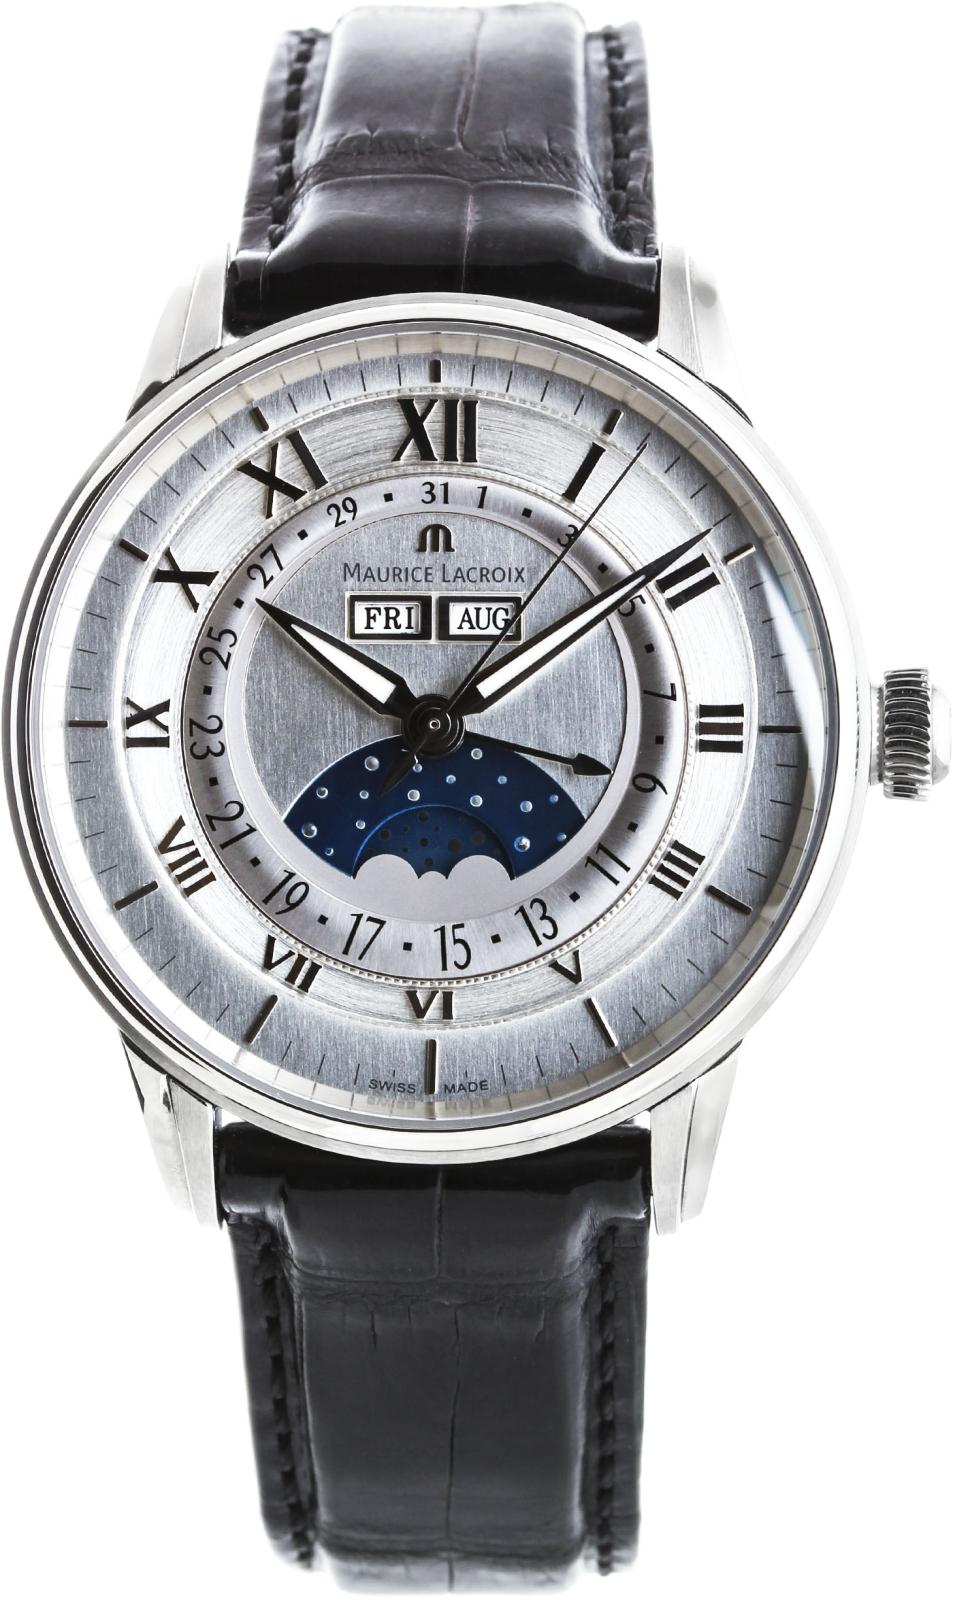 Maurice Lacroix Masterpiece MP6428-SS001-11EНаручные часы<br>Швейцарские часы Maurice Lacroix Masterpiece MP6428-SS001-11EПредставленная модель входит в коллекцию Masterpiece. Это настоящие Мужские часы. Материал корпуса часов — Сталь. Ремень — Кожа. В этих часах используется Сапфировое стекло. Водозащита - 50 м. Основной цвет циферблата Серый.<br><br>Пол: Мужские<br>Страна-производитель: Швейцария<br>Механизм: Механический<br>Материал корпуса: Сталь<br>Материал ремня/браслета: Кожа<br>Водозащита, диапазон: 20 - 100 м<br>Стекло: Сапфировое<br>Толщина корпуса: None<br>Стиль: Классика